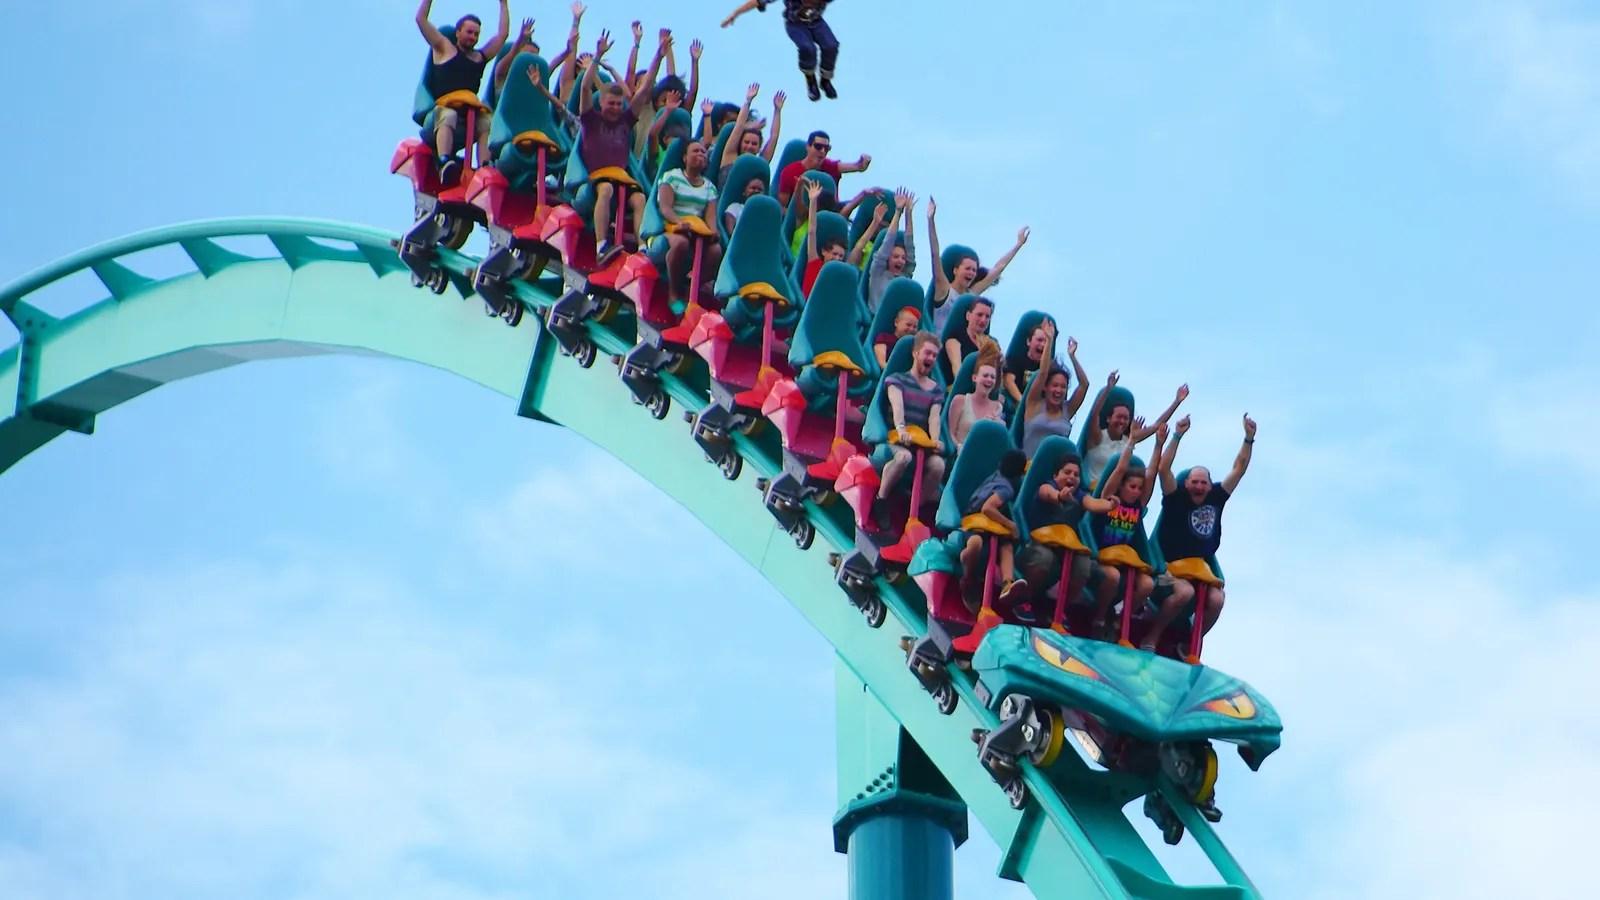 Roller Coaster Designer Cover Letter